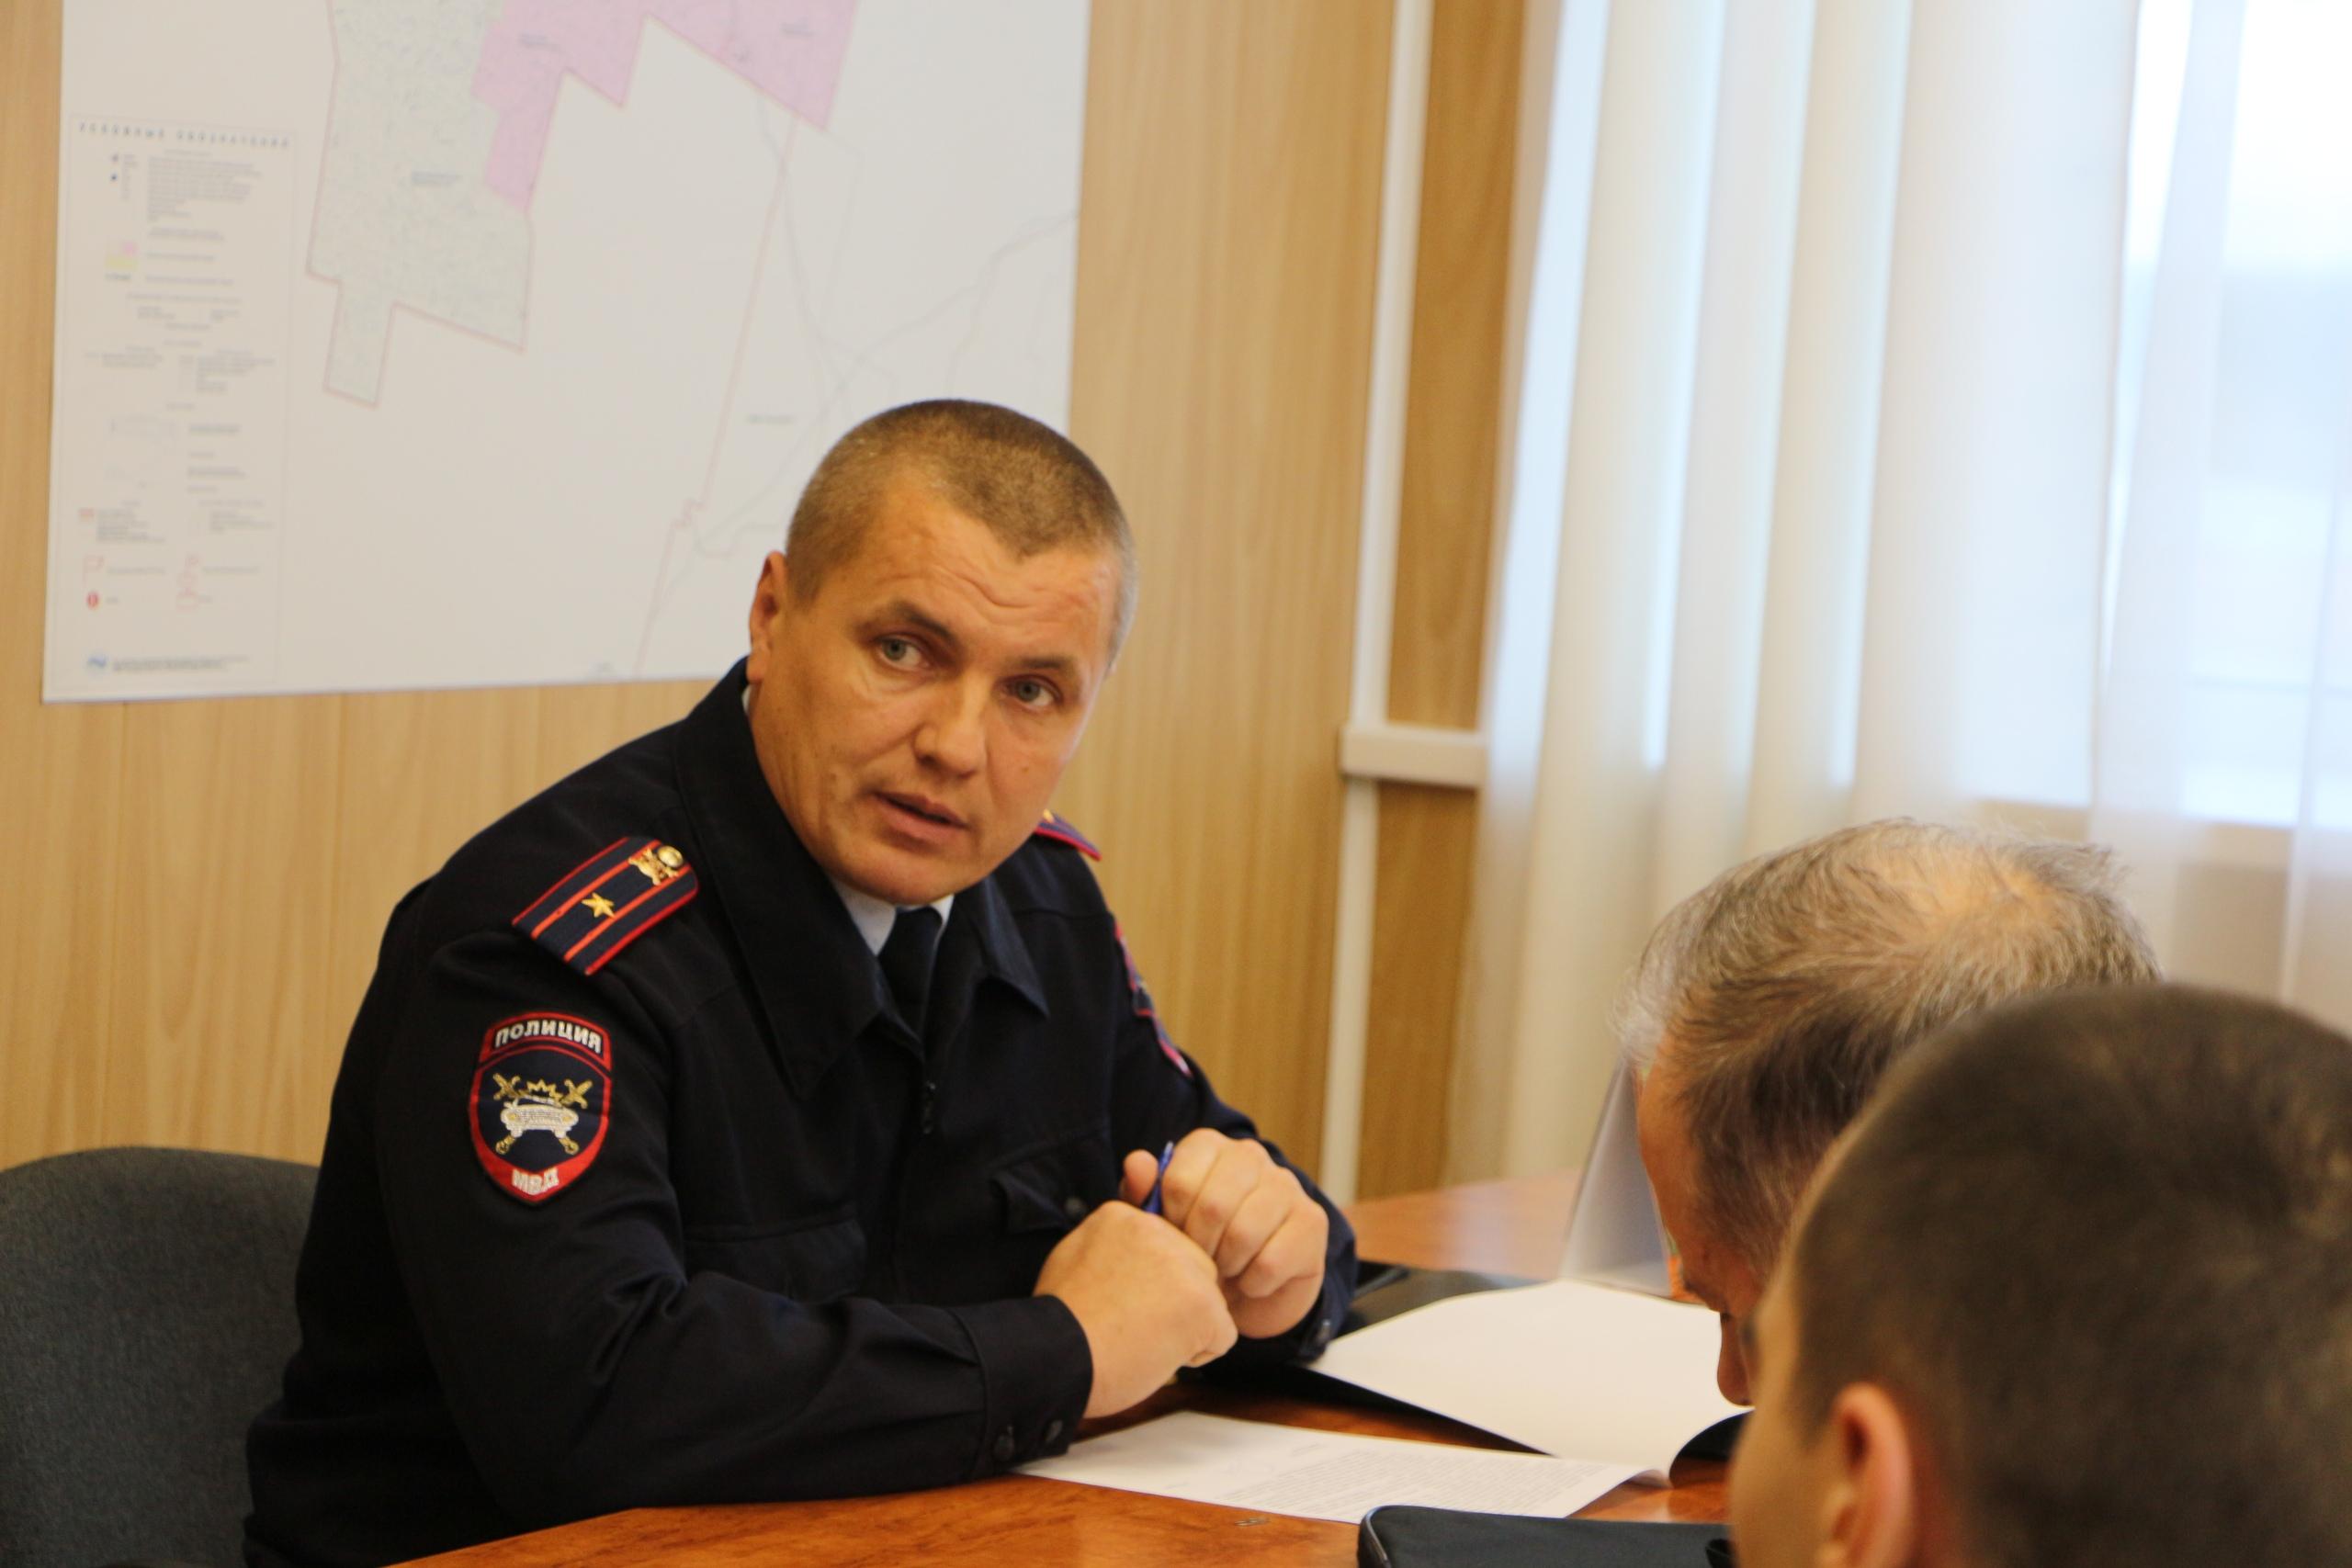 Под председательством руководителя администрации Николая Жилина прошло заседание районной комиссии по обеспечению безопасности дорожного движения